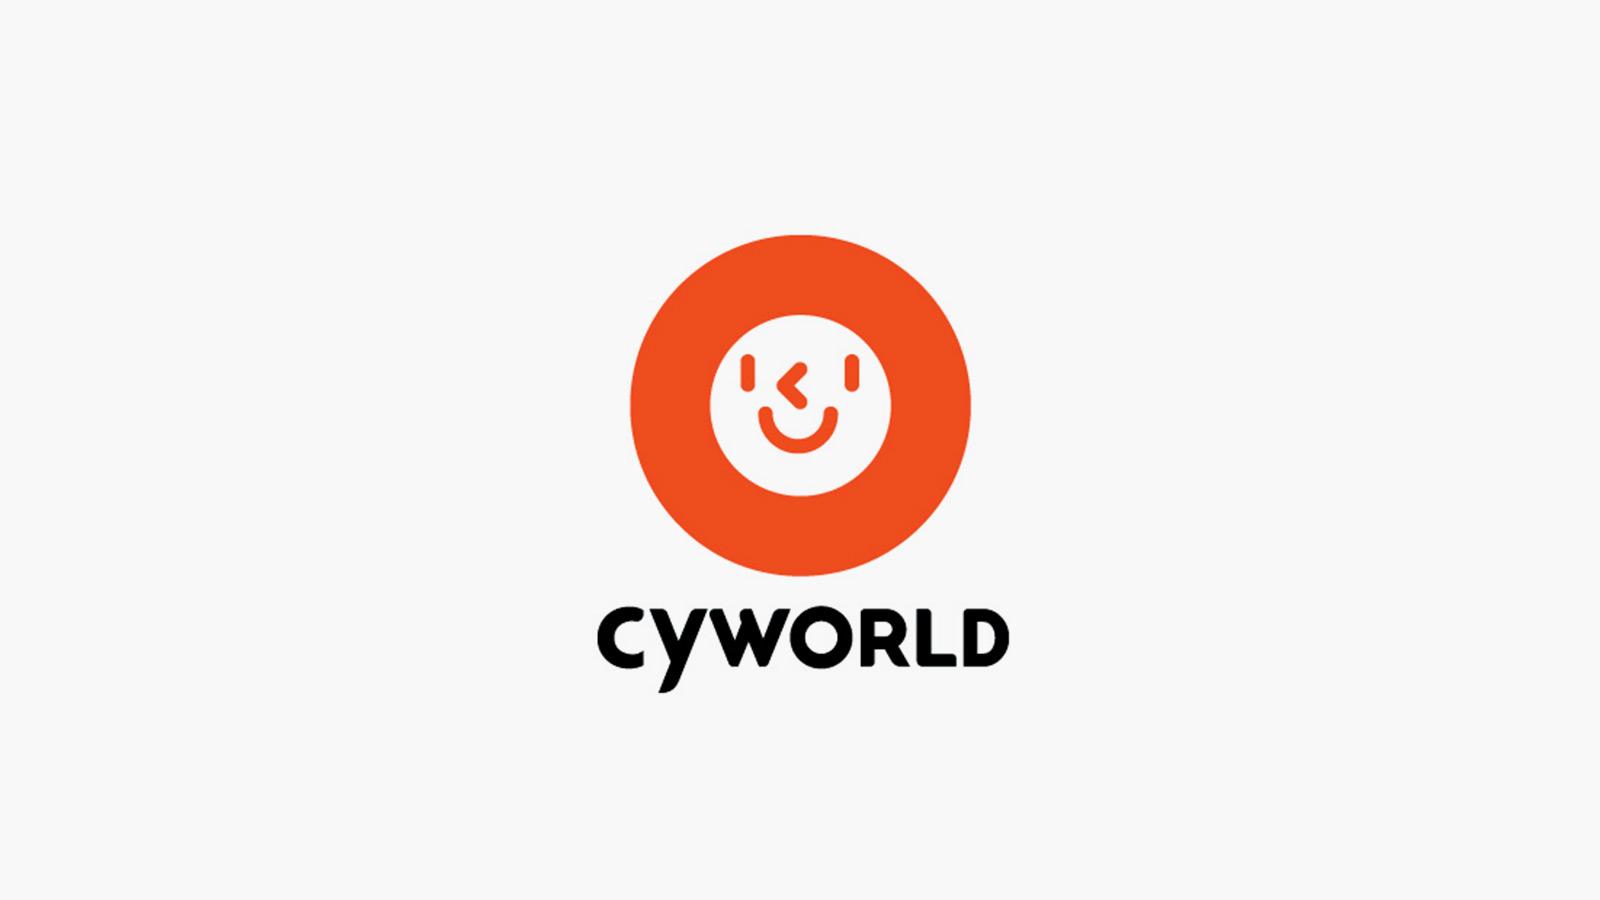 Bye cyworld